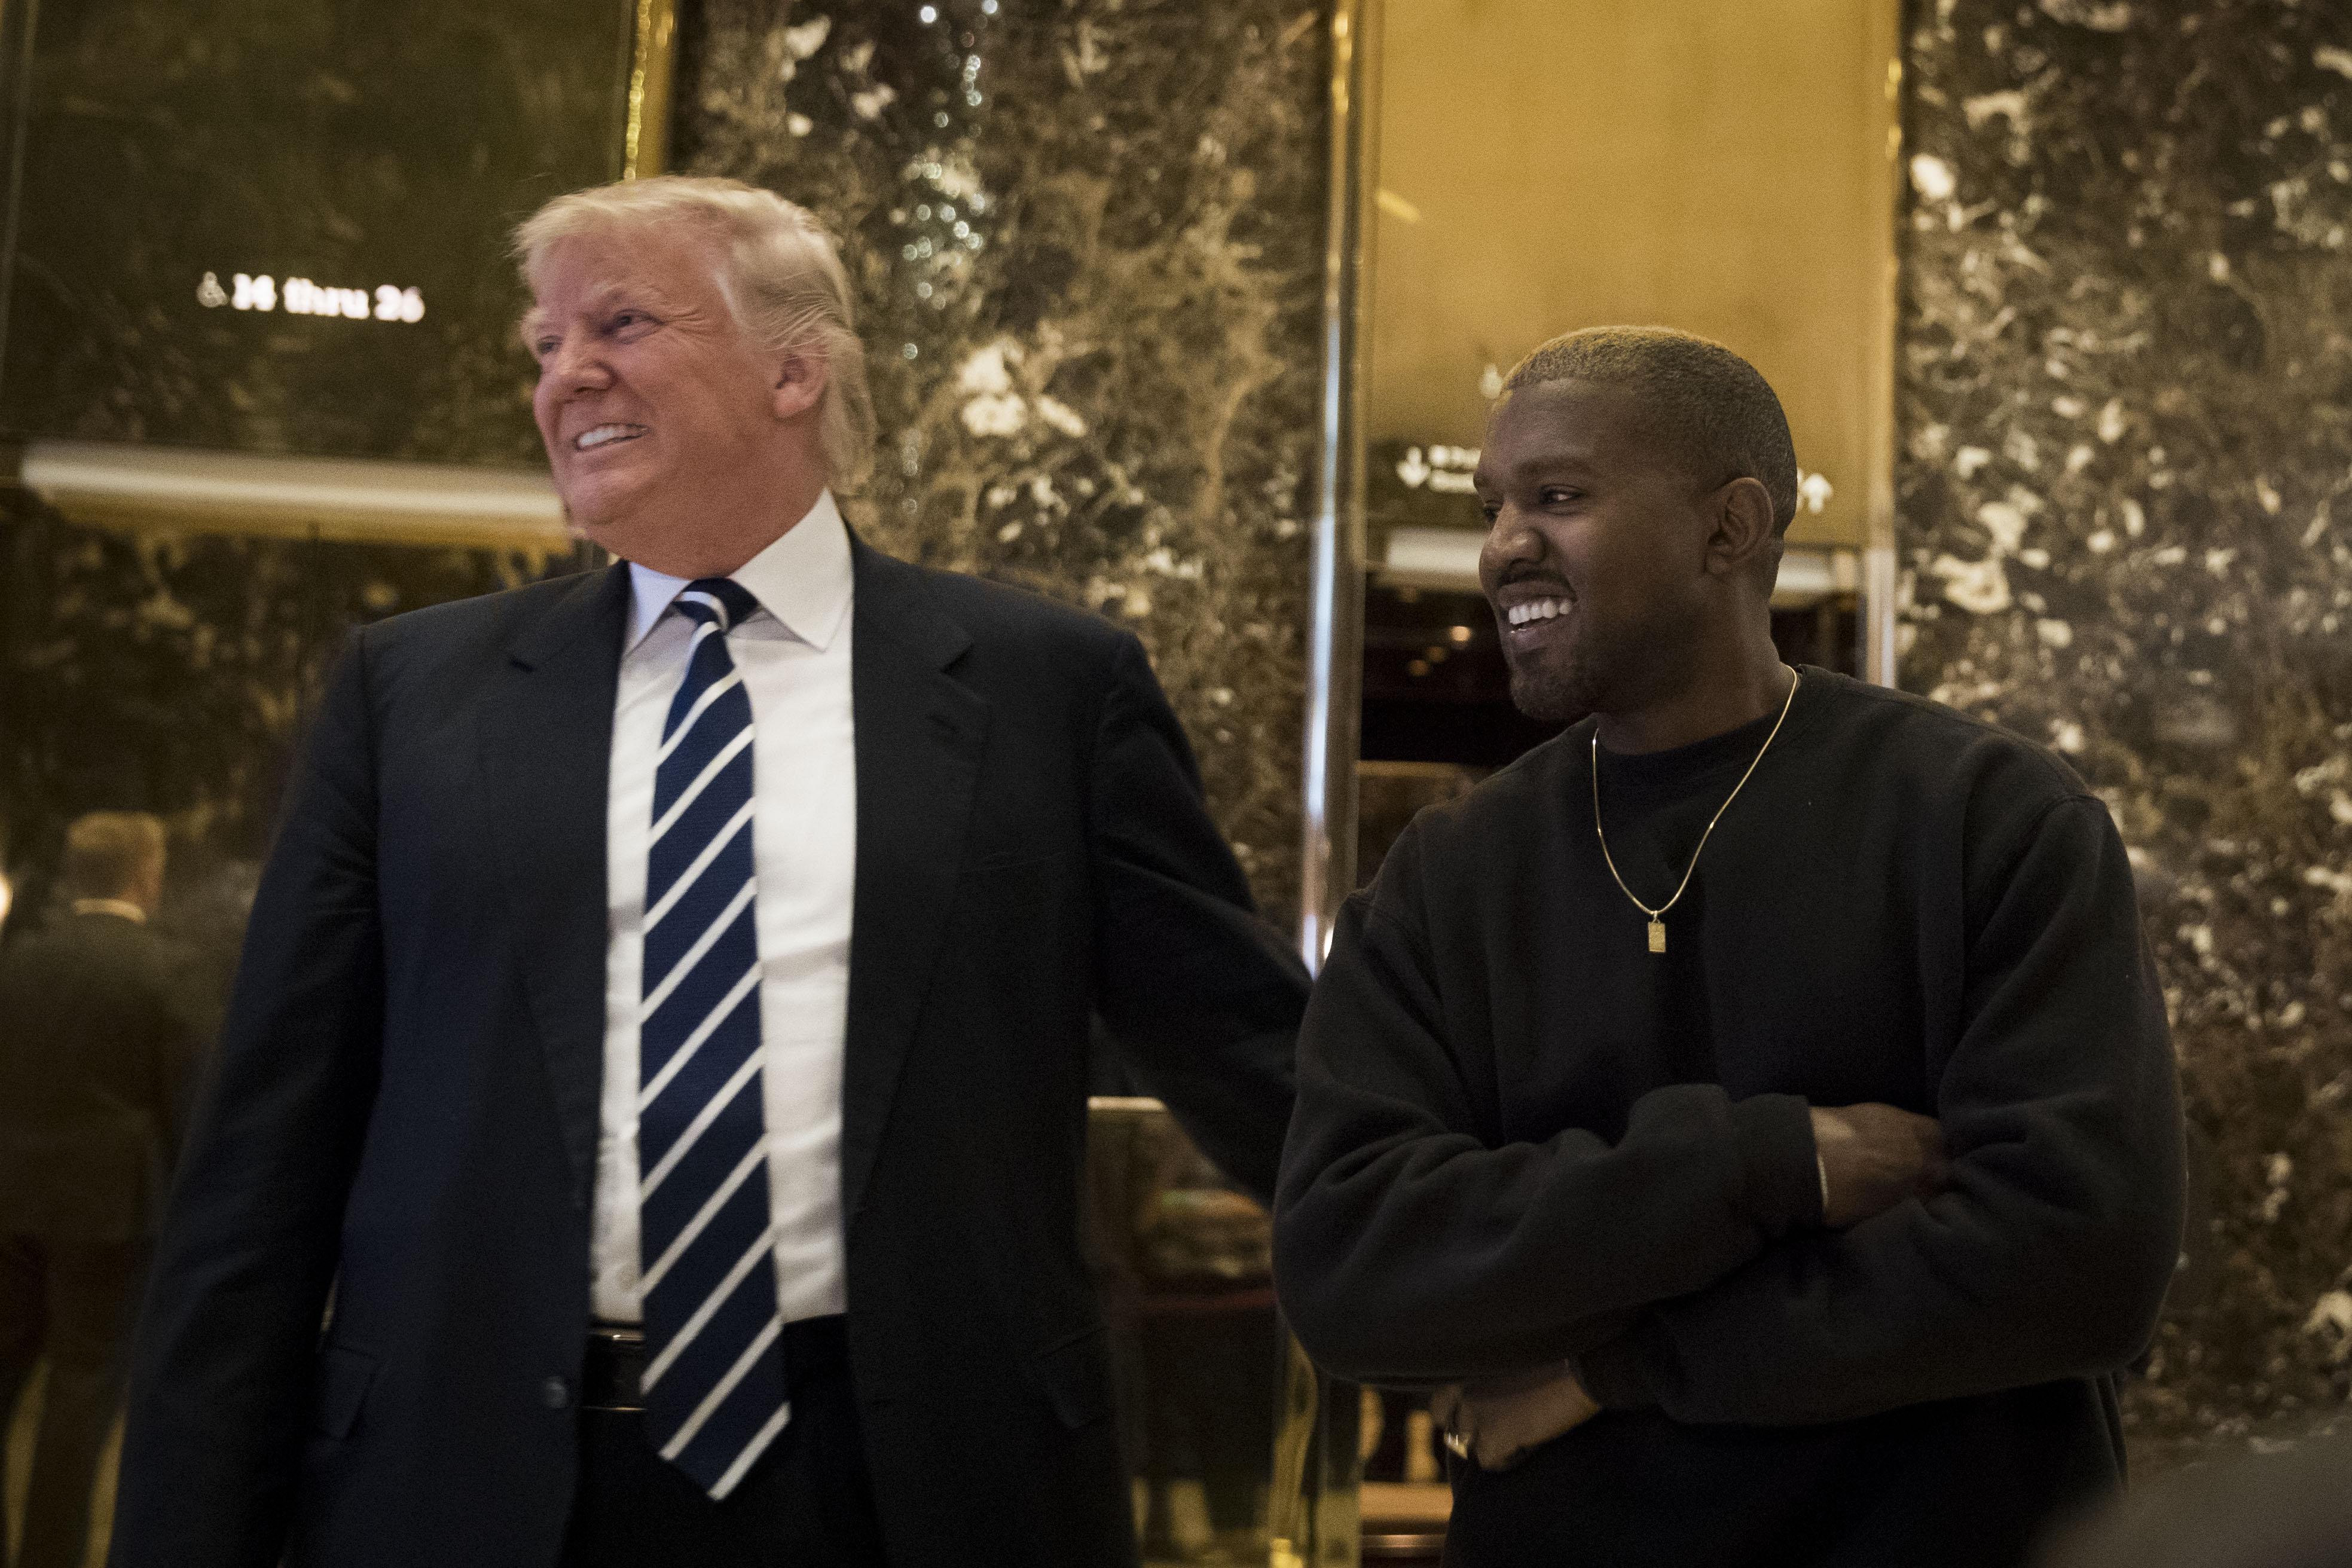 总统主席:唐纳德·特朗普·特朗普的主席在